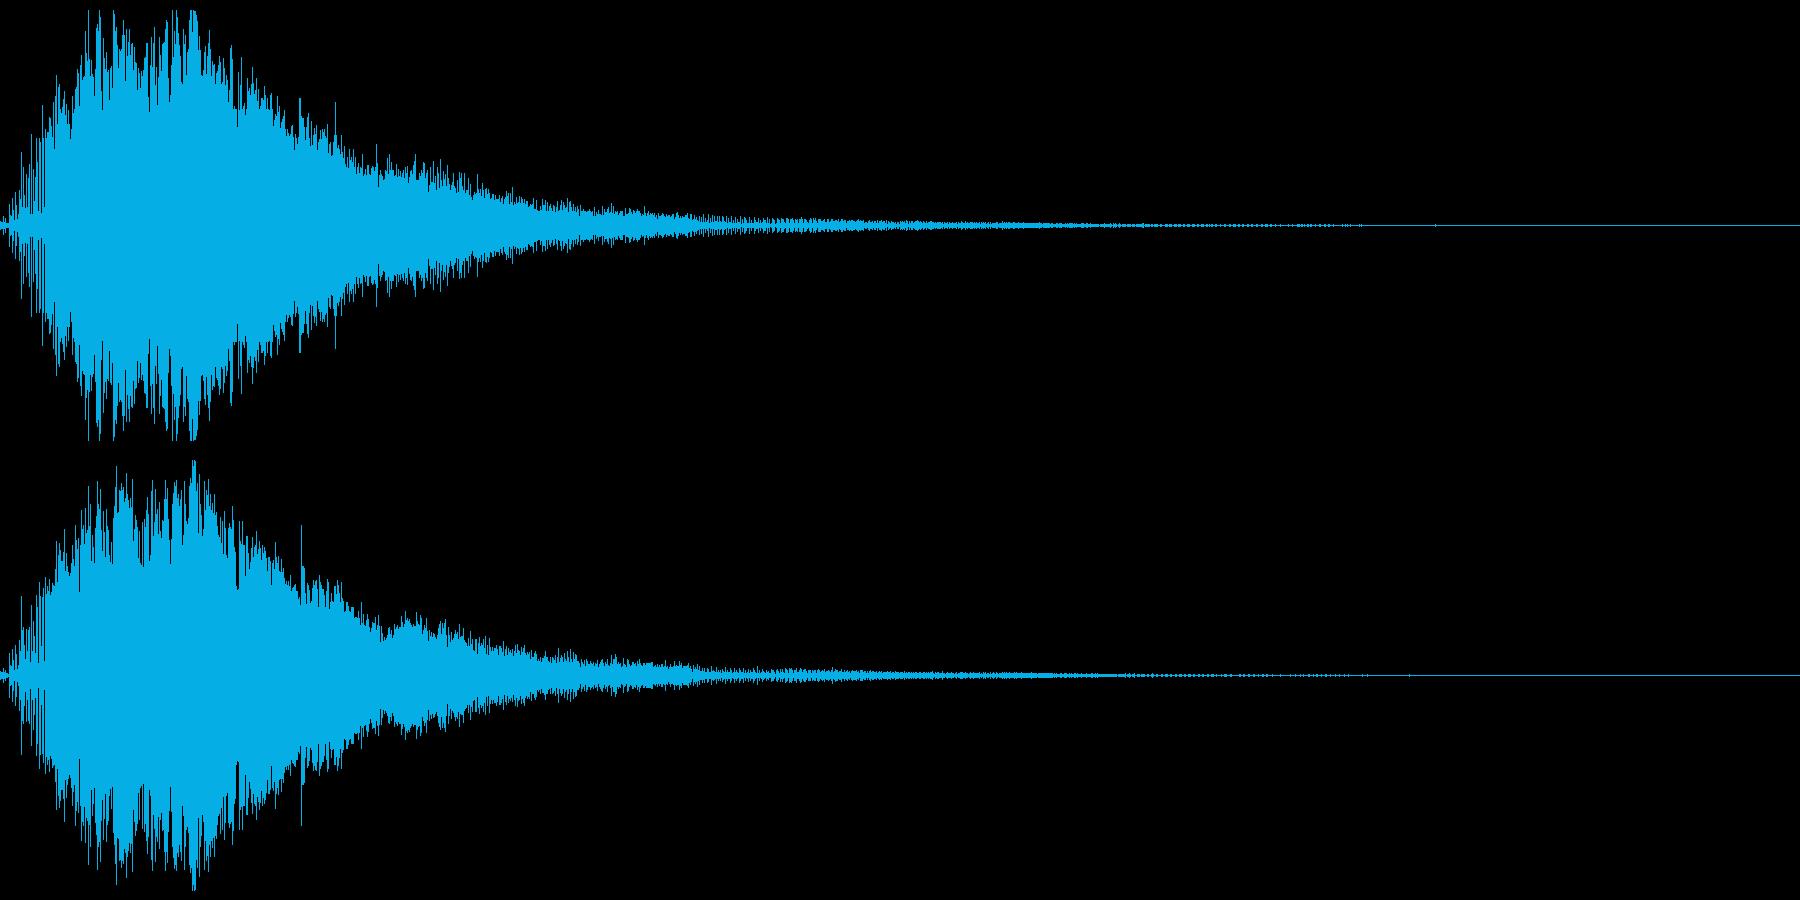 スピードアップ音01の再生済みの波形